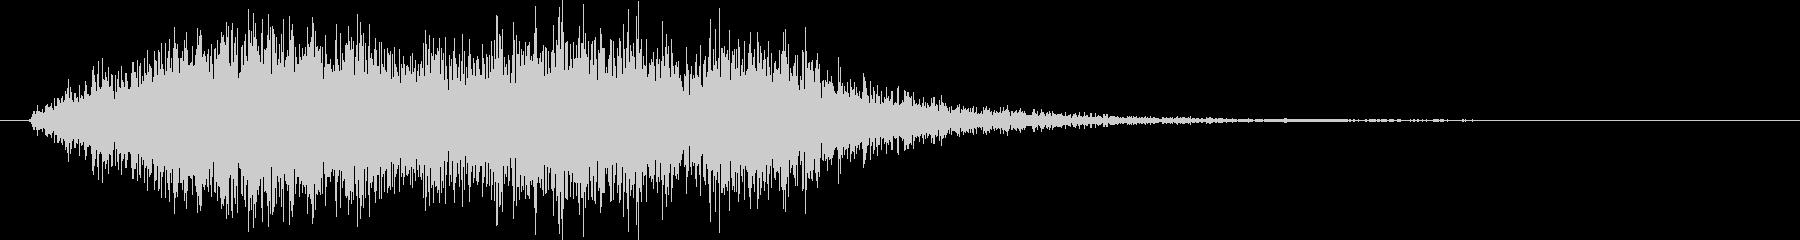 ヘビーメタルスクリーチまたはフロア...の未再生の波形